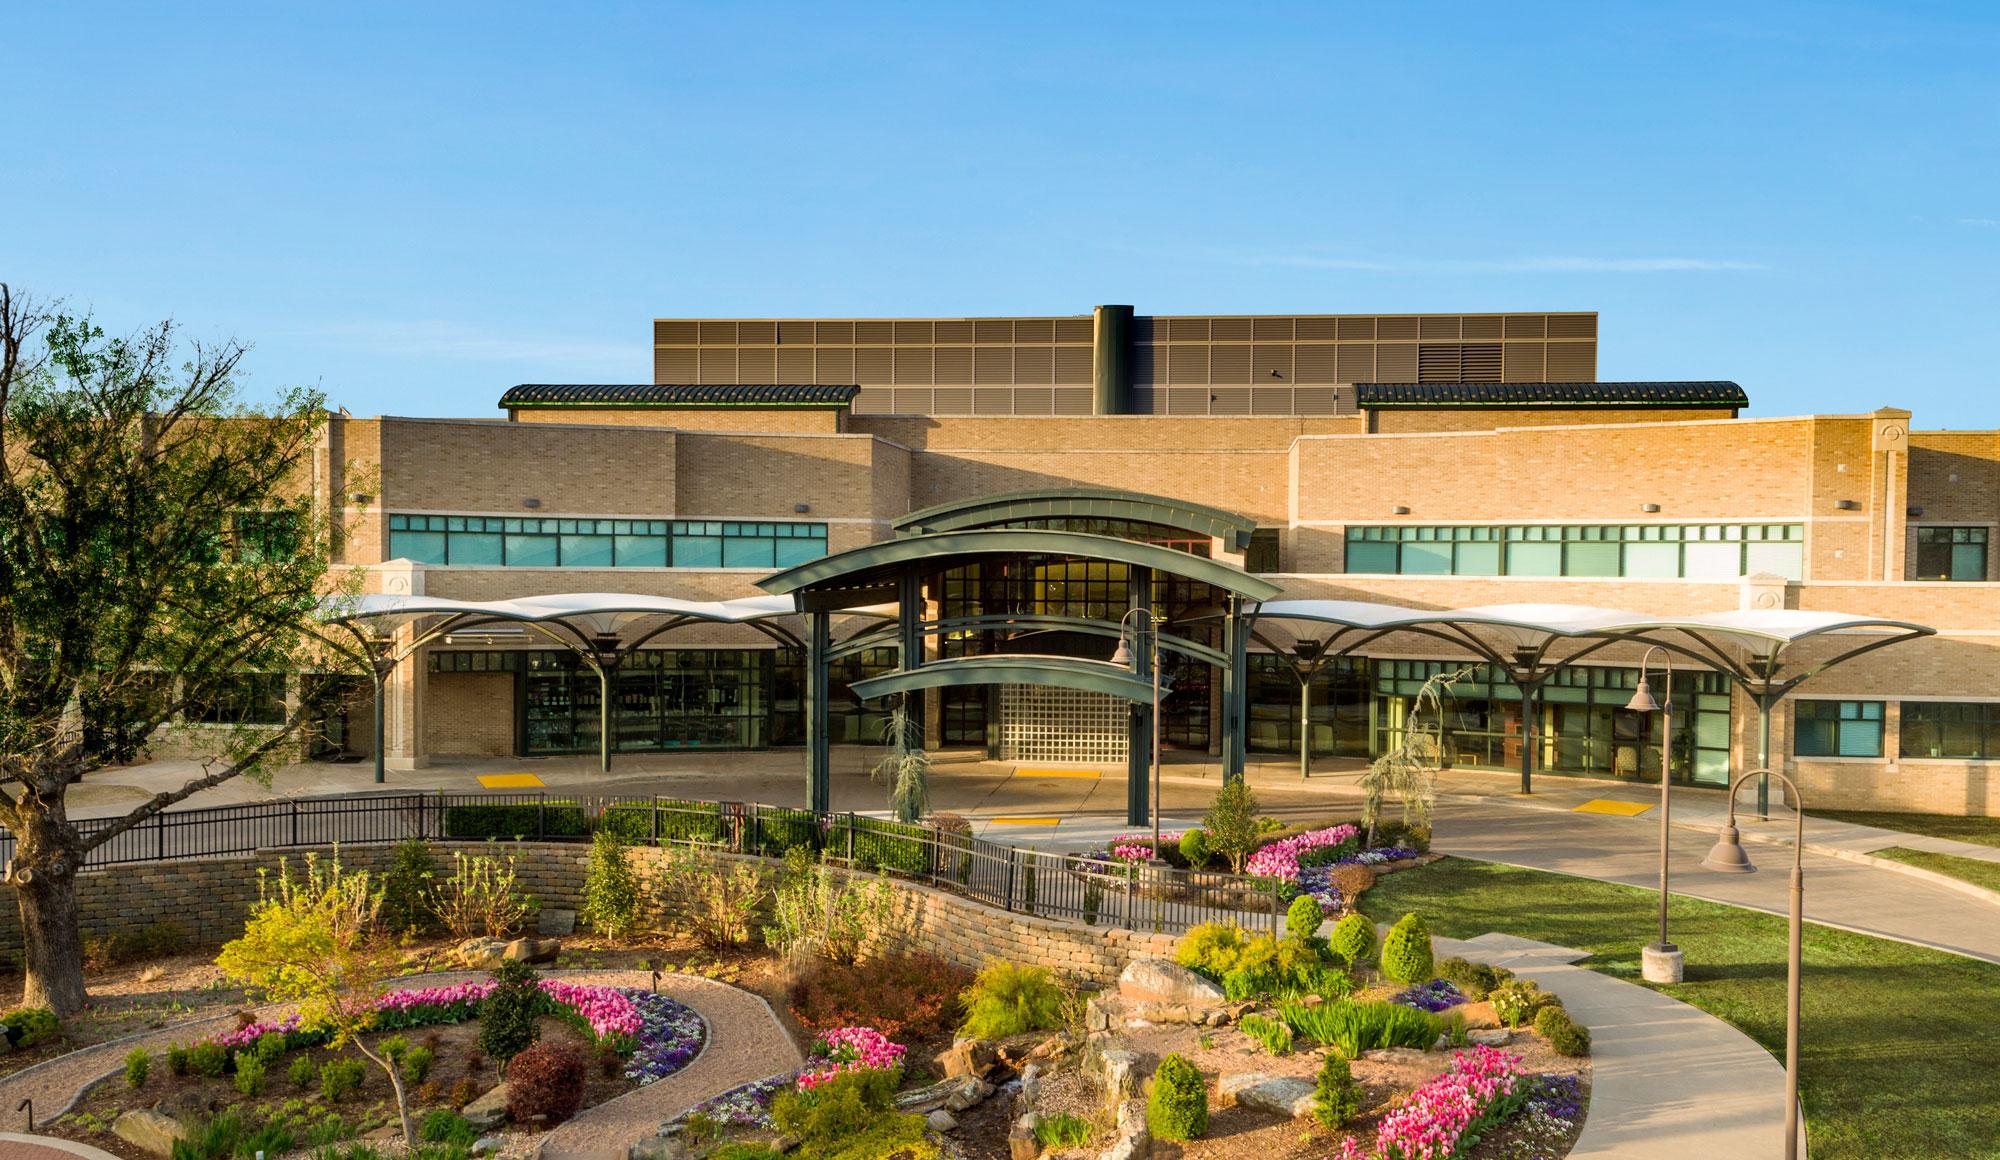 Saint Francis Hospital Muskogee - Cancer Care, Cardiac Rehab